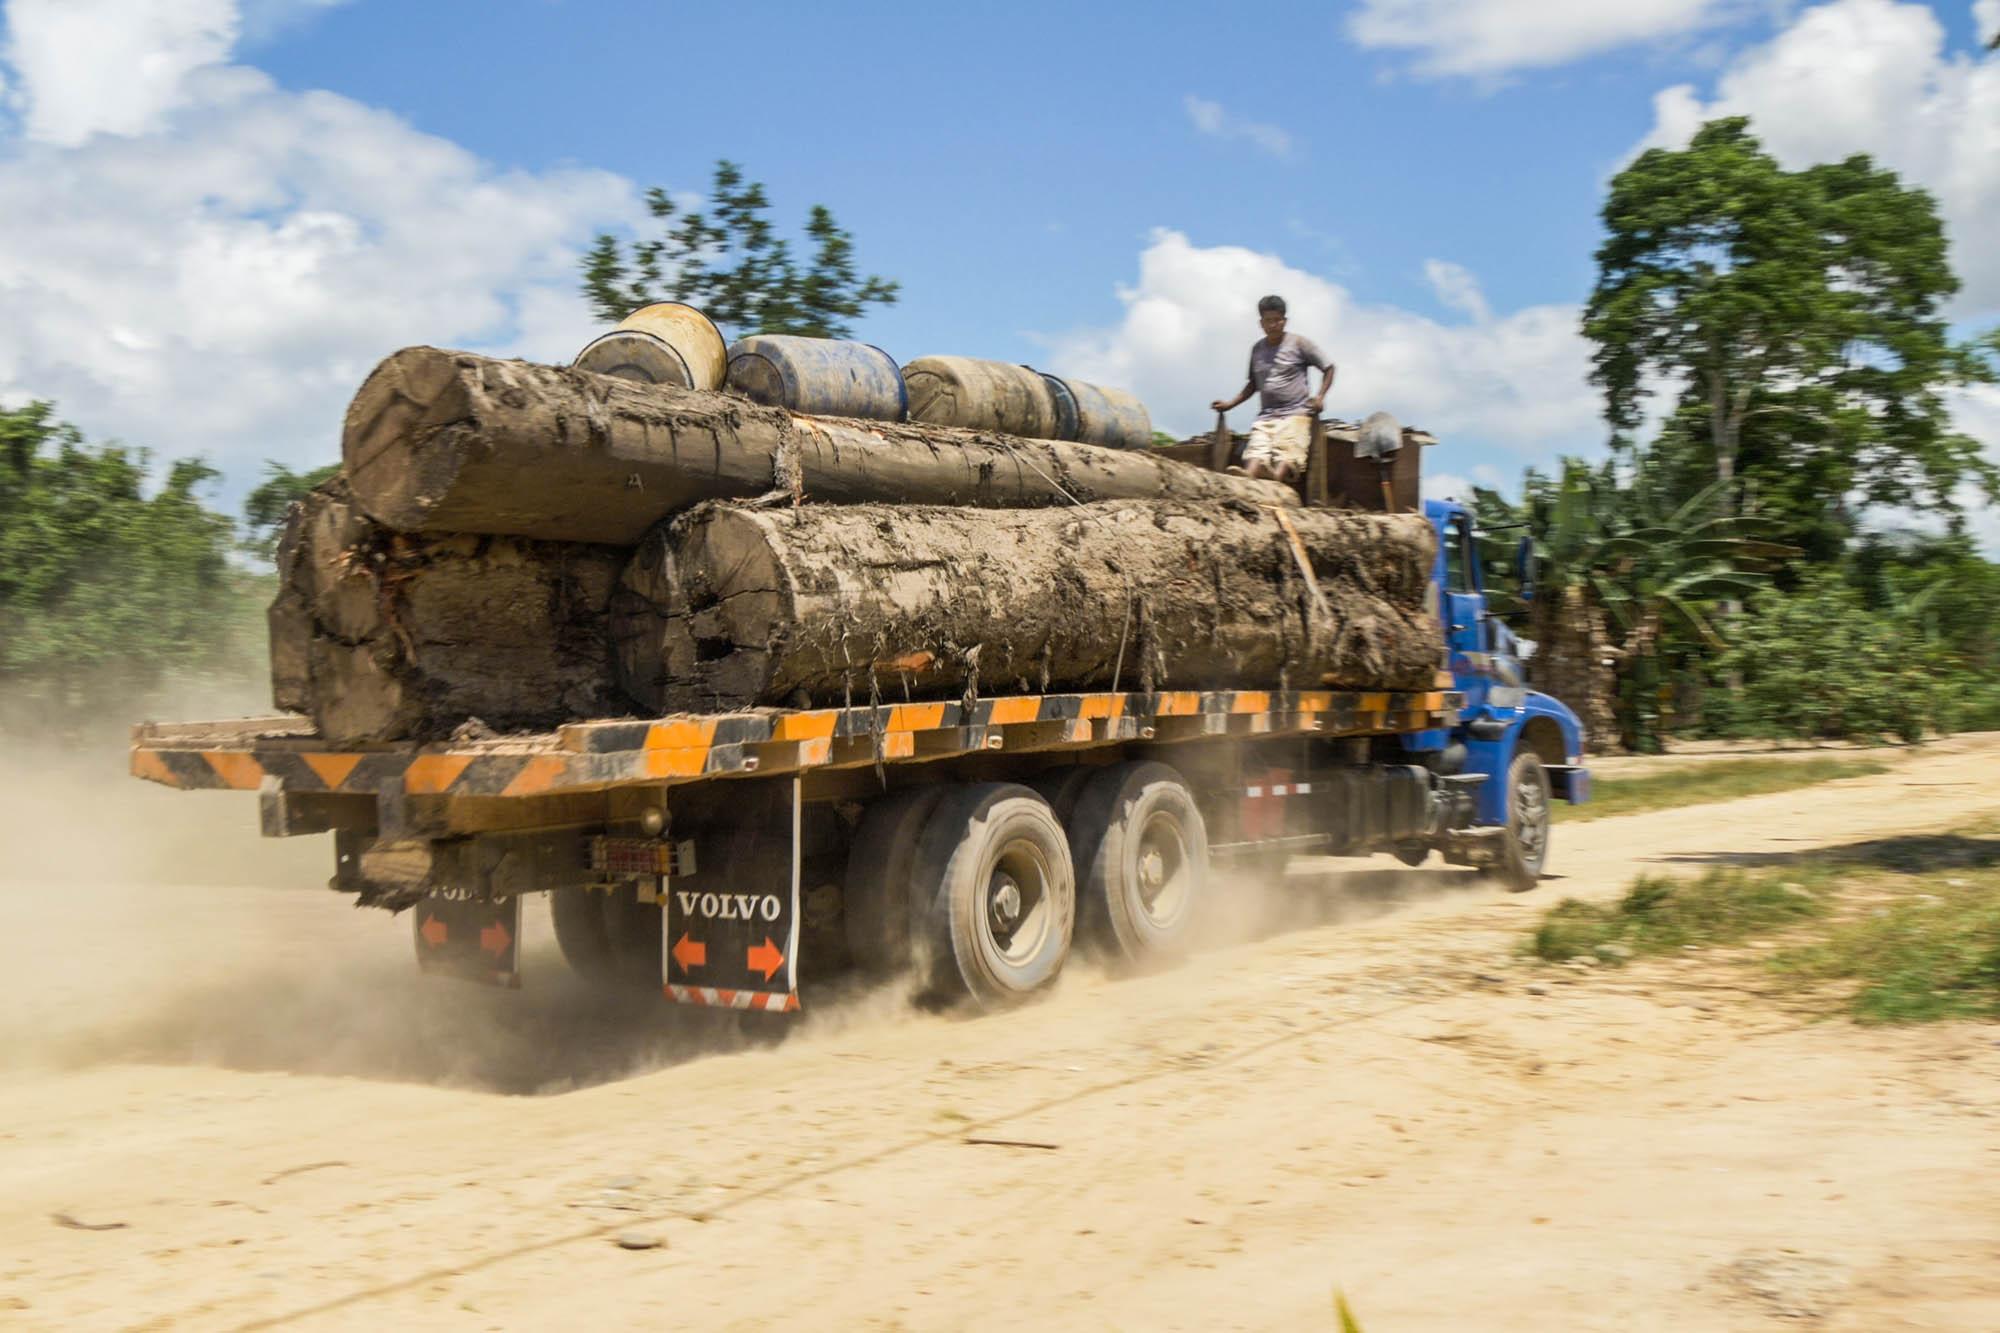 camion-transportando-madera-eia